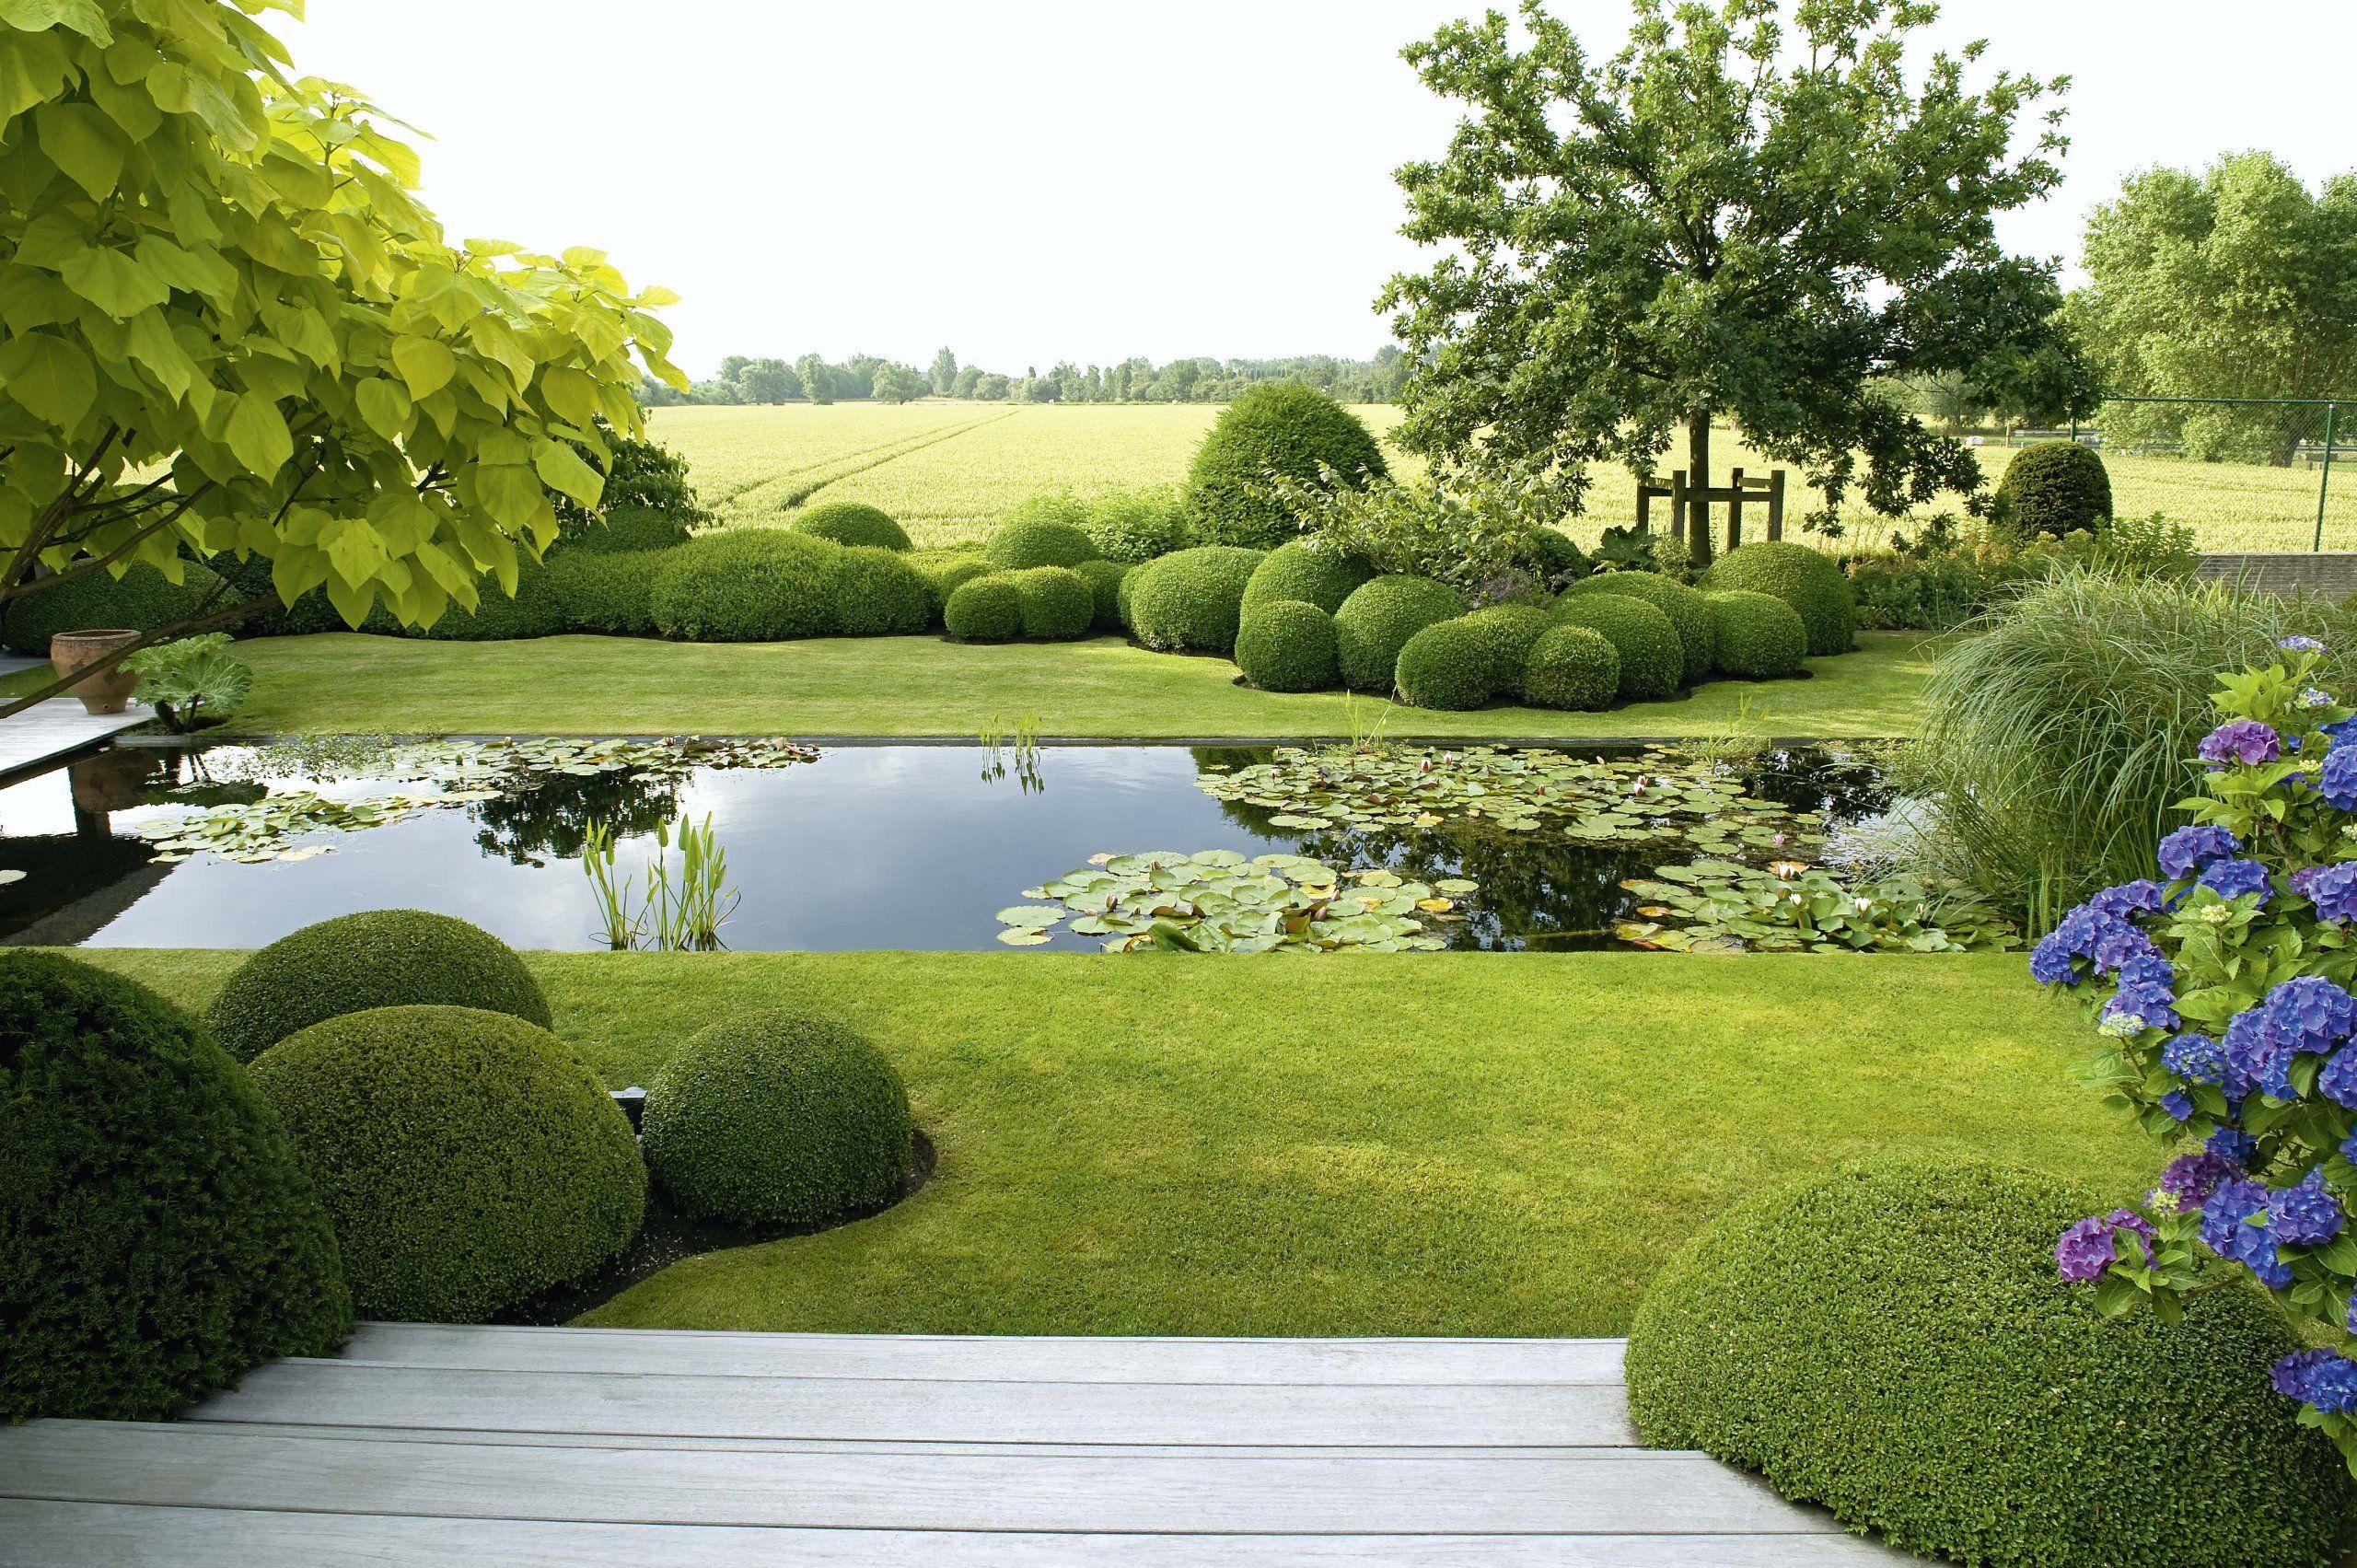 Exklusives gartendesign spektakul re privatg rten for Gartendesign